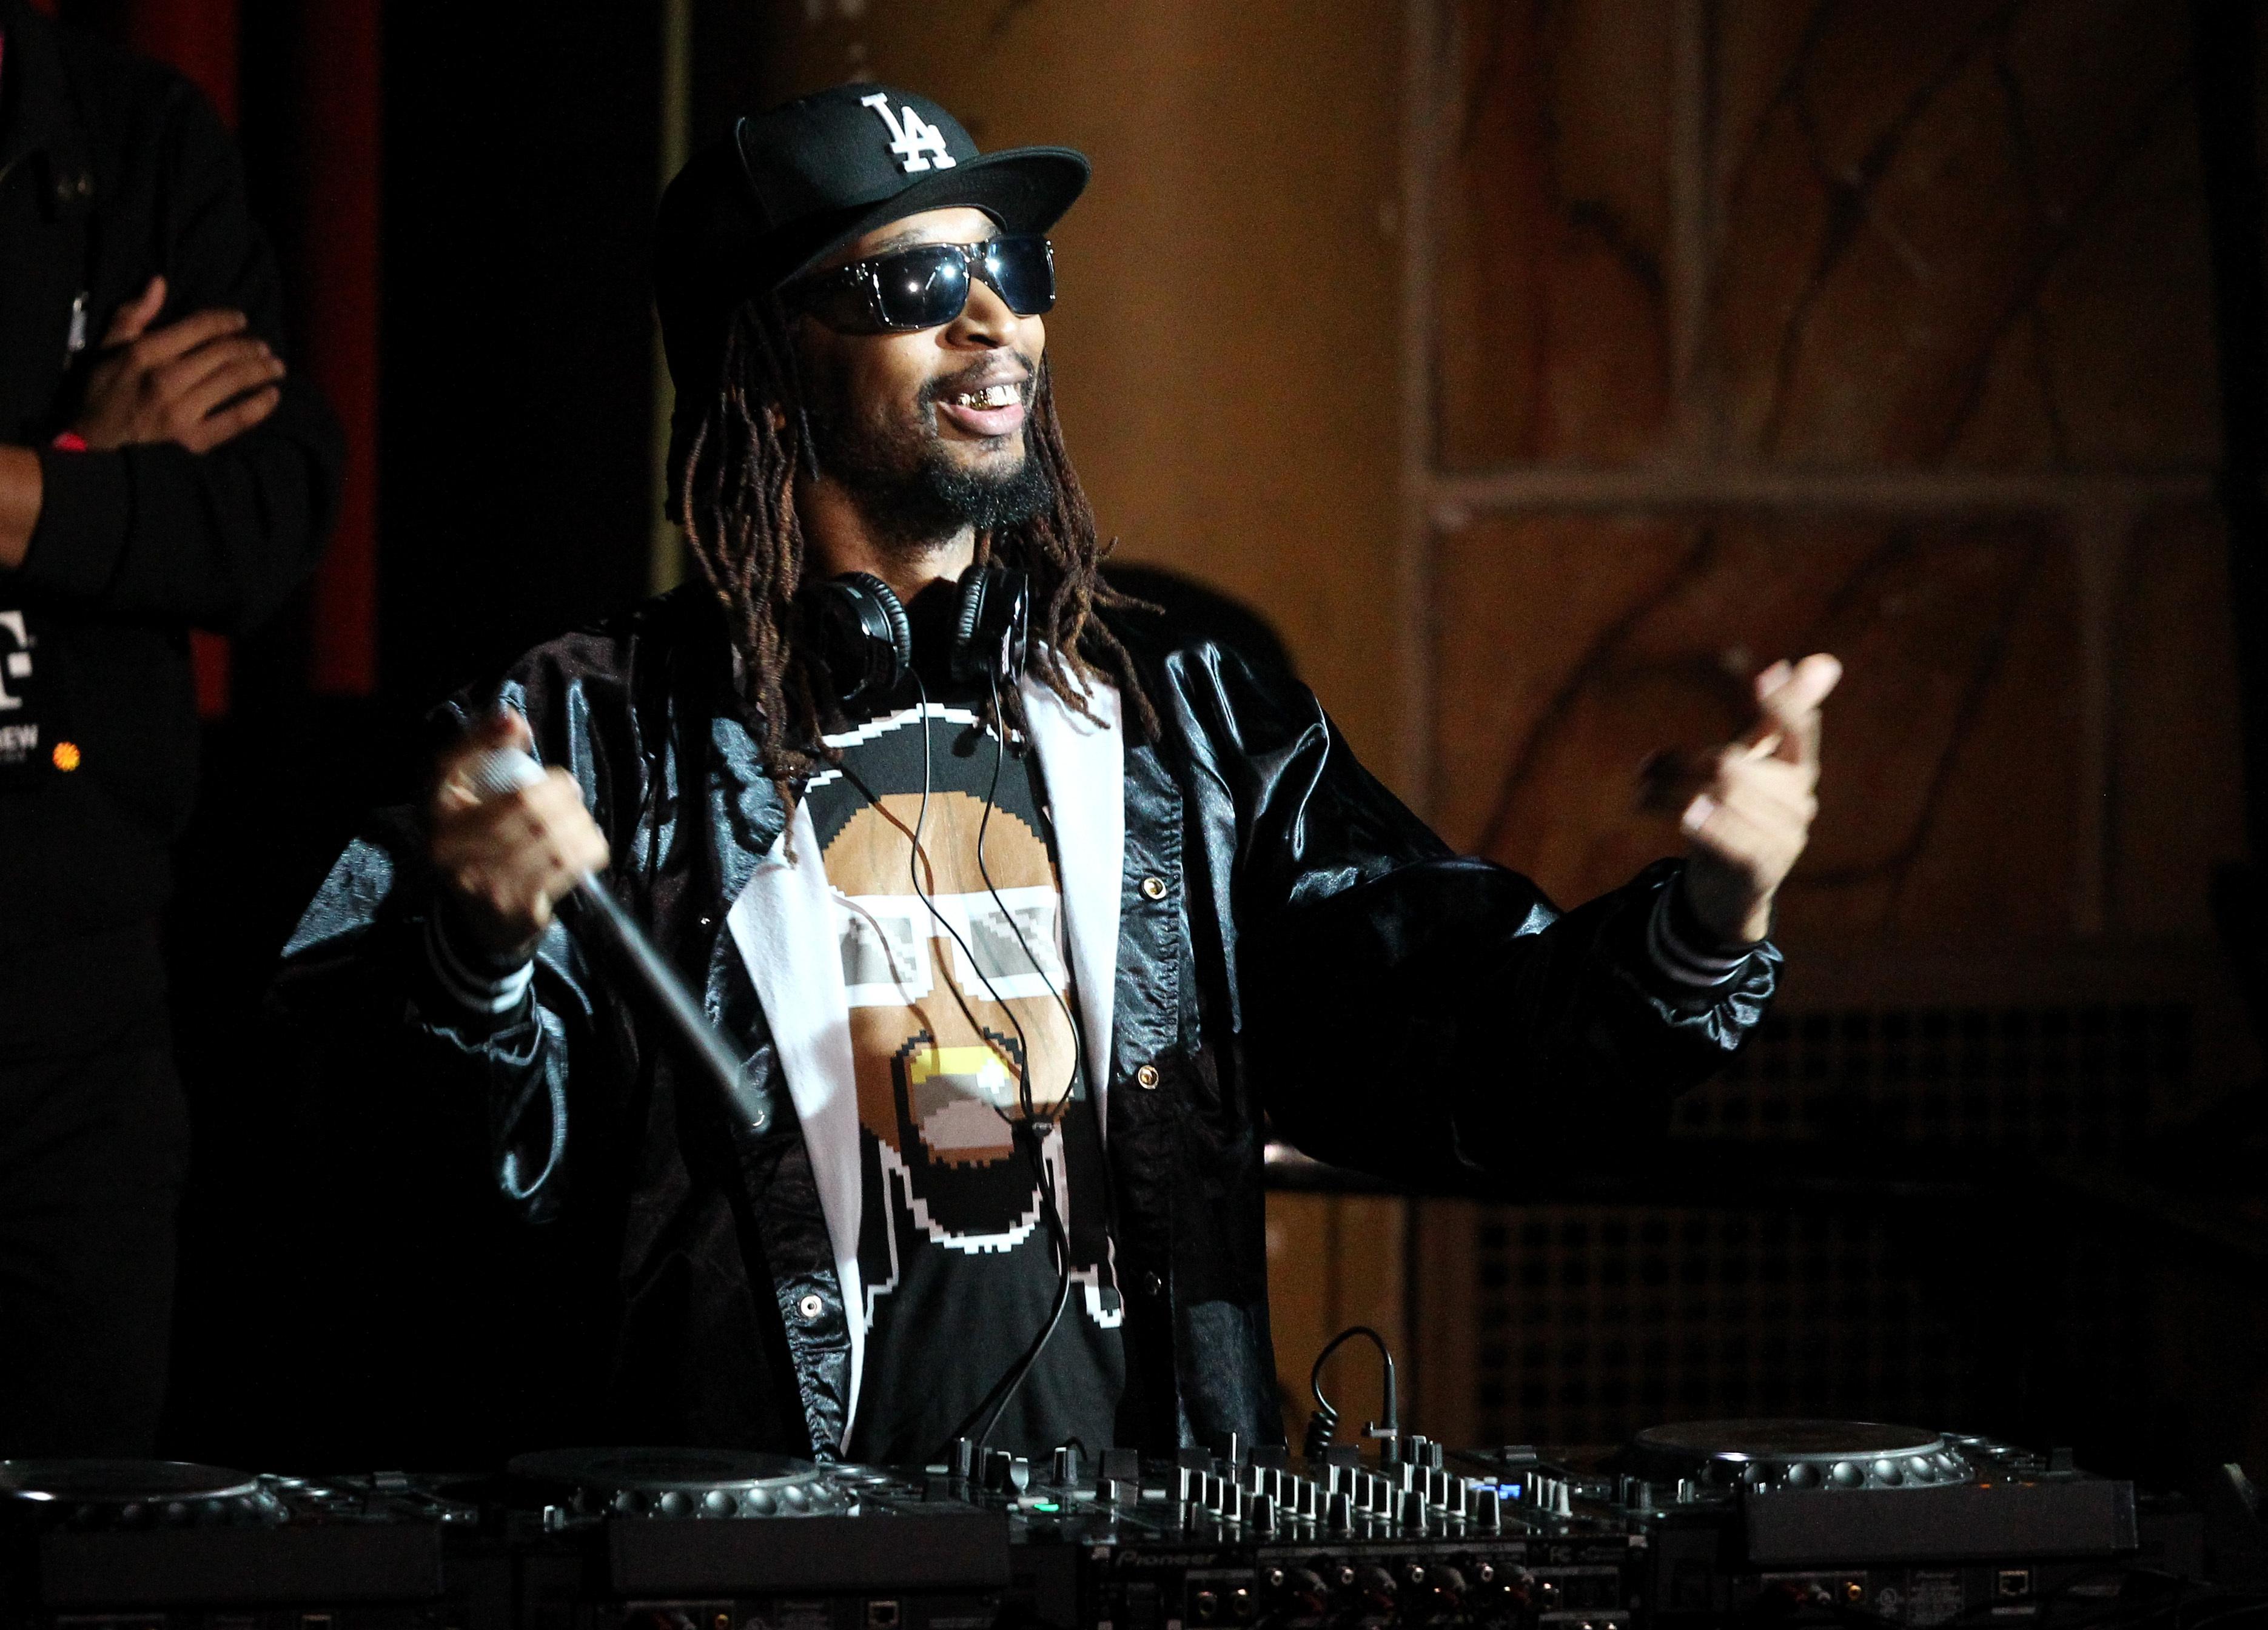 Lil Jon Hd Wallpaper